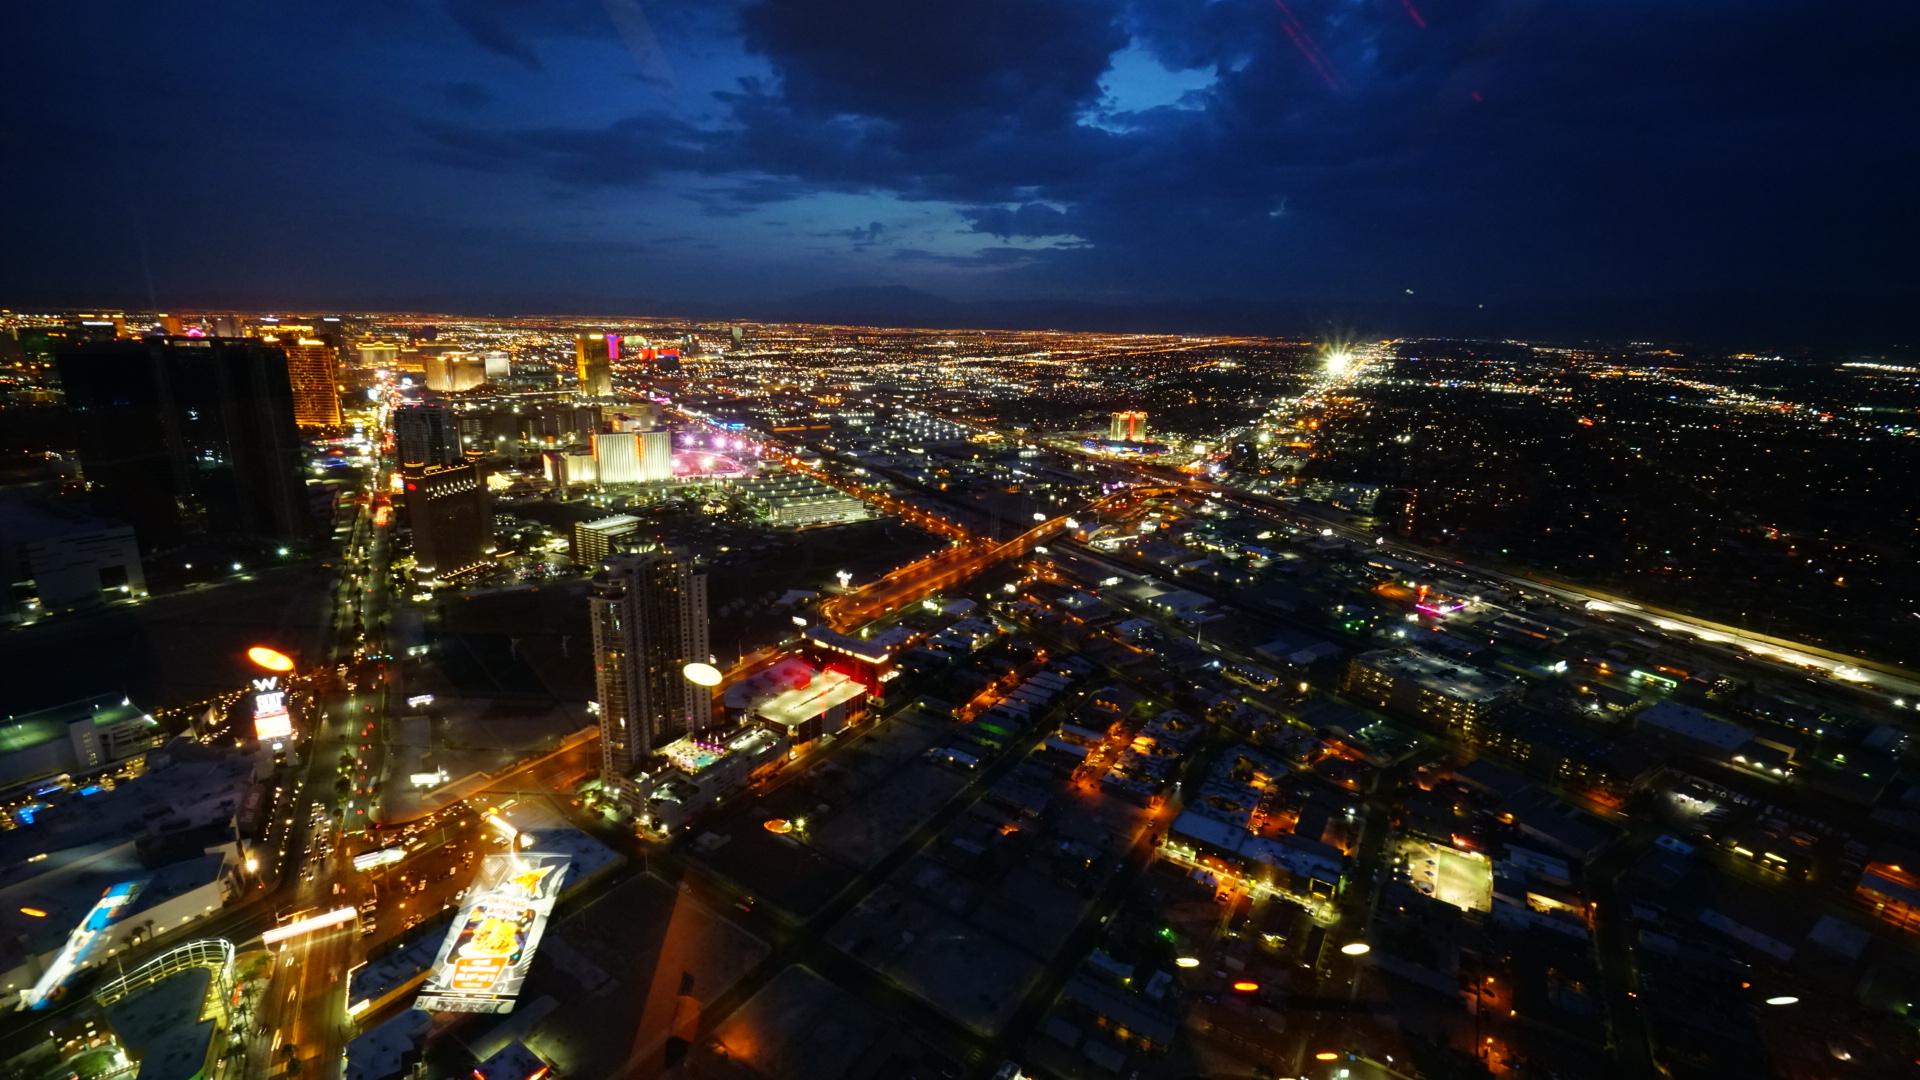 300メートルのタワー頂上の回転レストランから見る、ラスベガスストリップ(中心街)の夜景(ネバダ州)